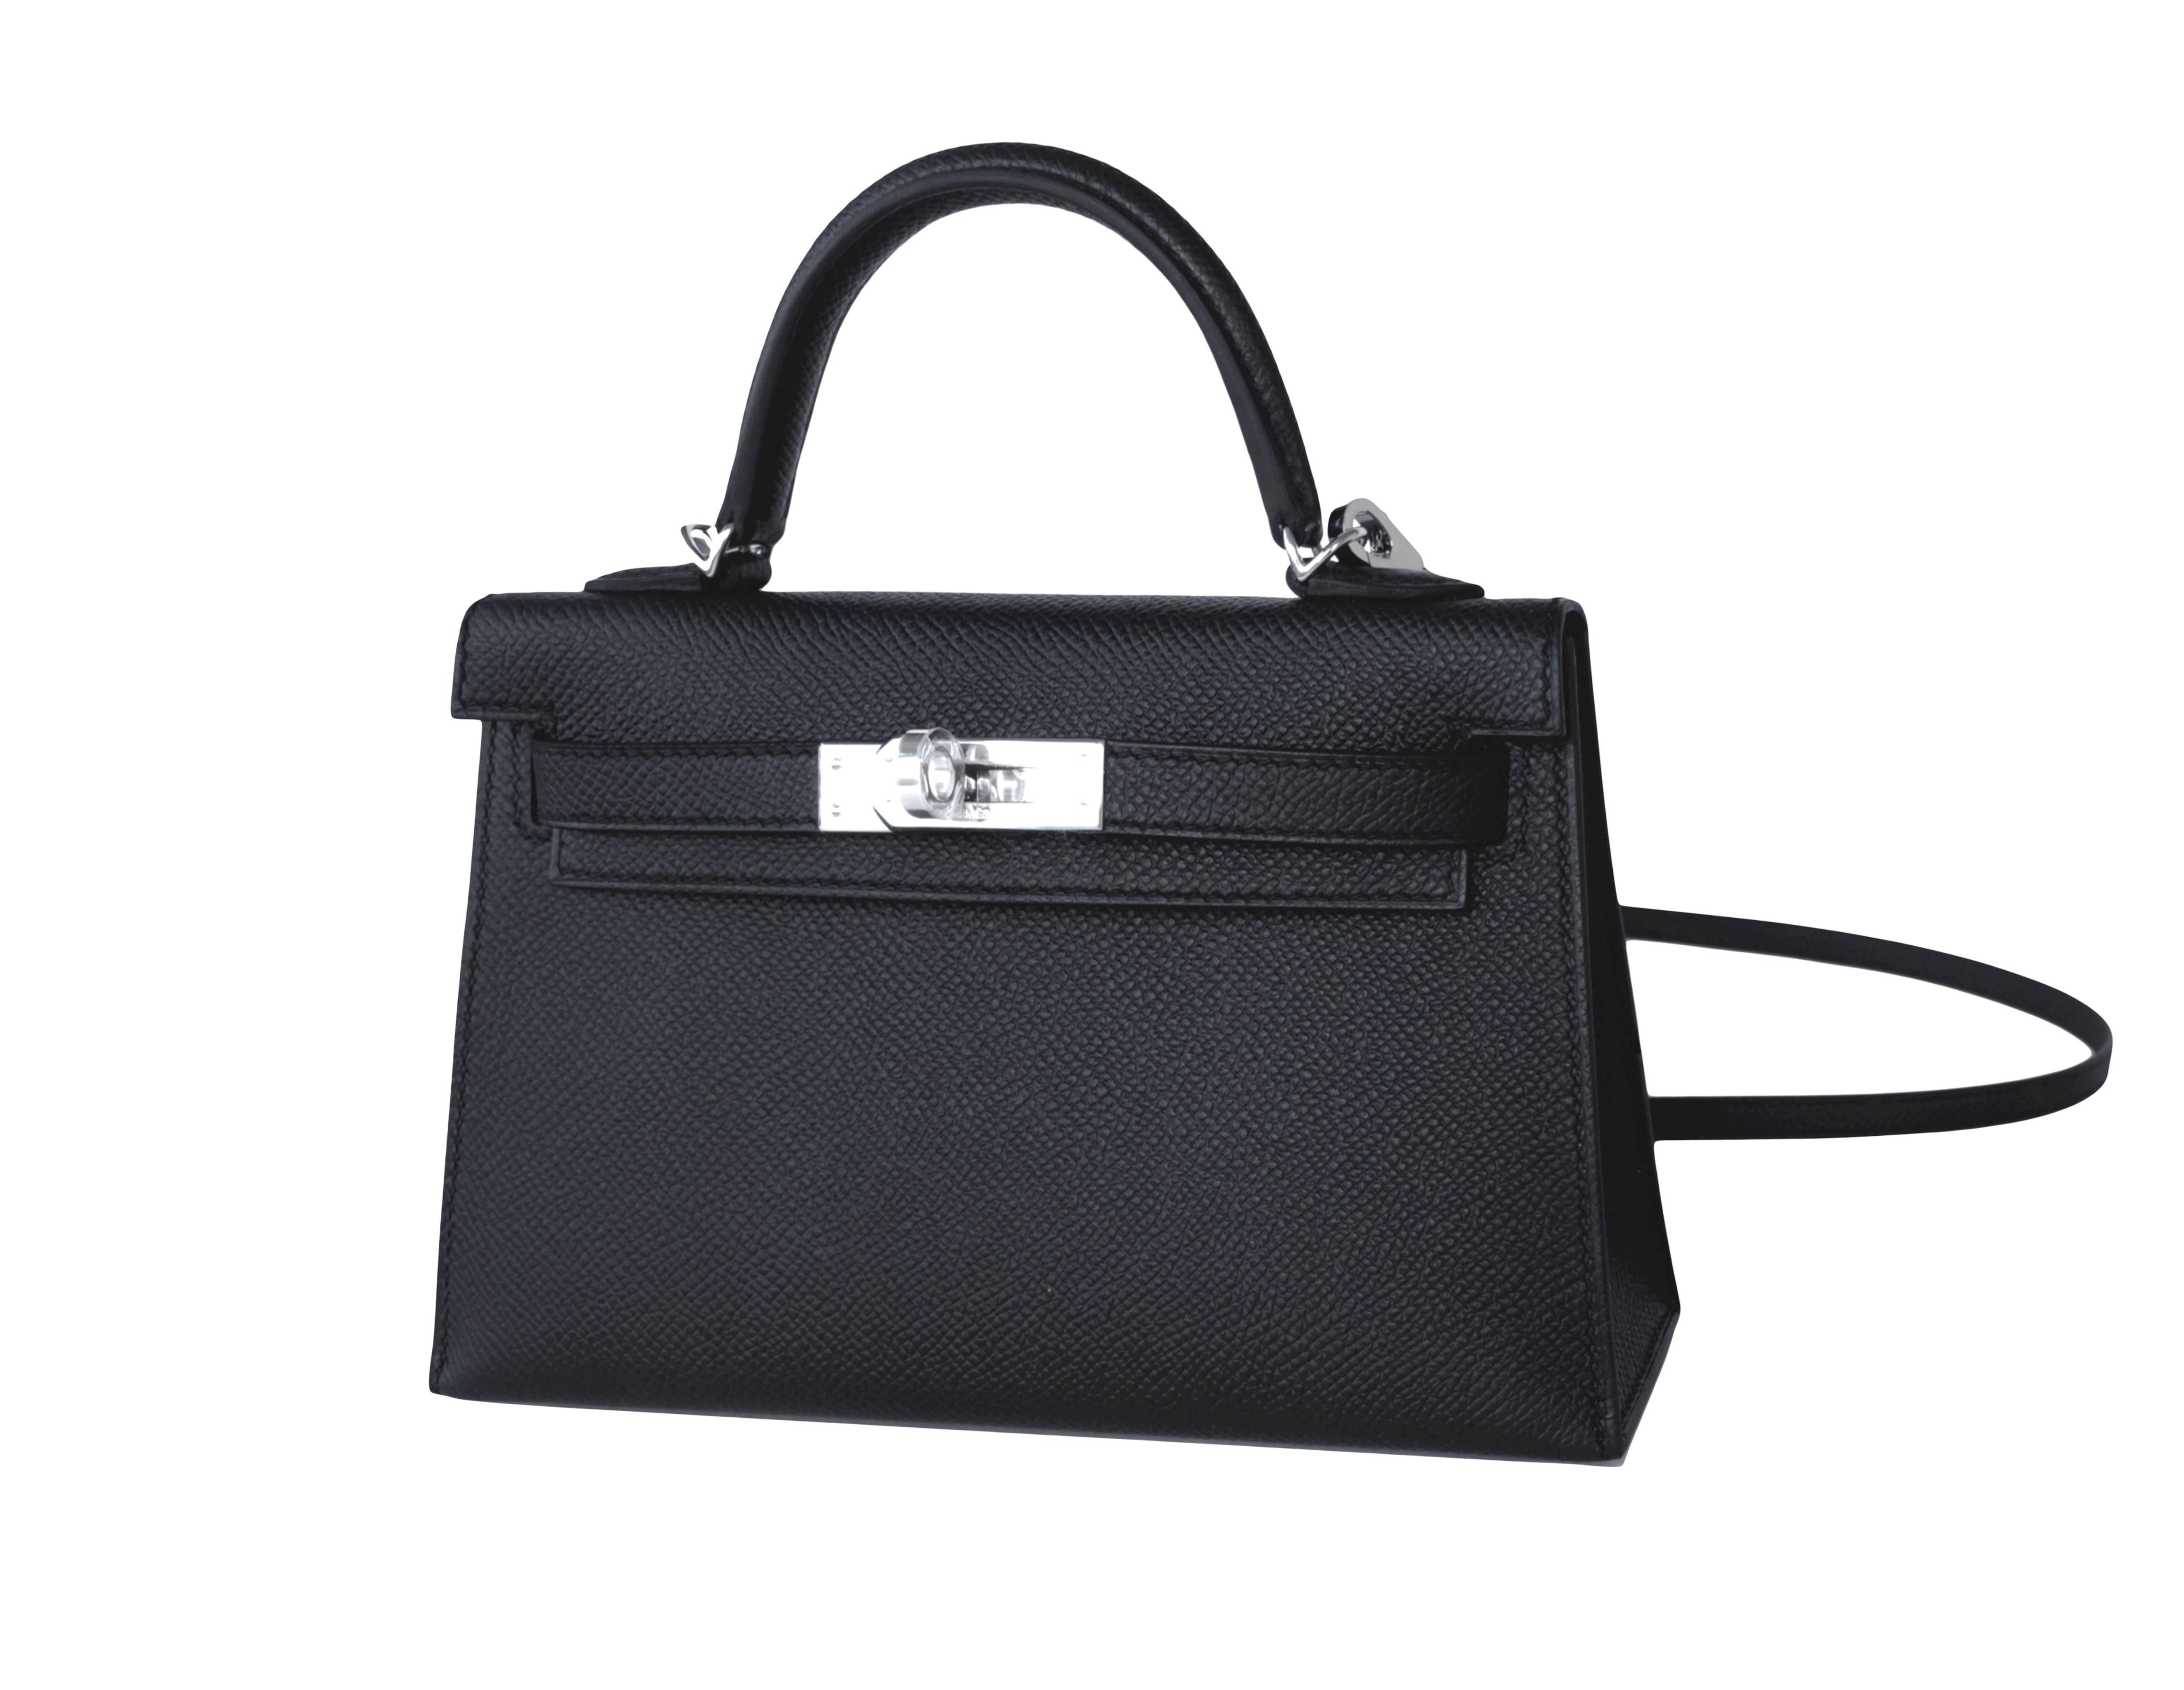 Hermes 20cm Black Epsom Mini Sellier Palladium VIP Kelly Bag at 1stdibs c4c6b47829